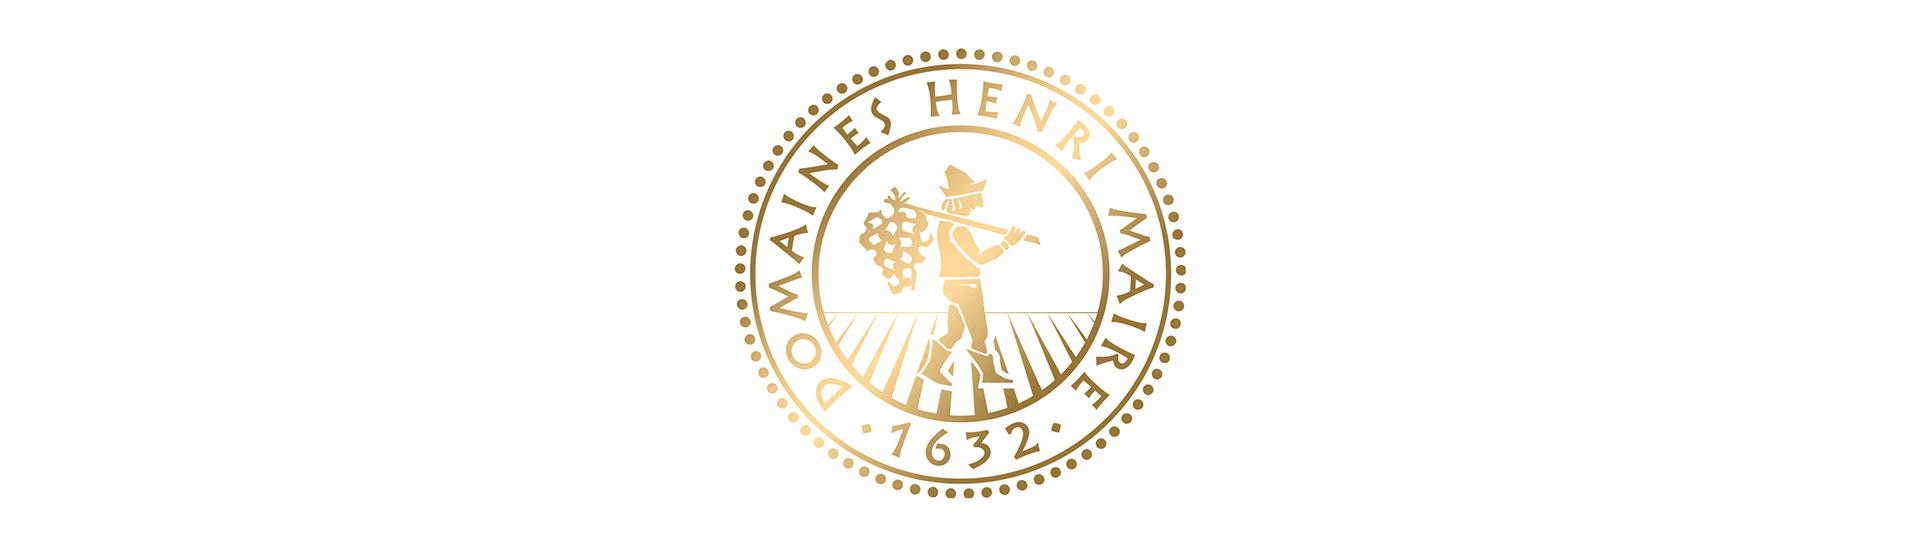 Megusta Henri Maire De l'ombre à la lumière logo